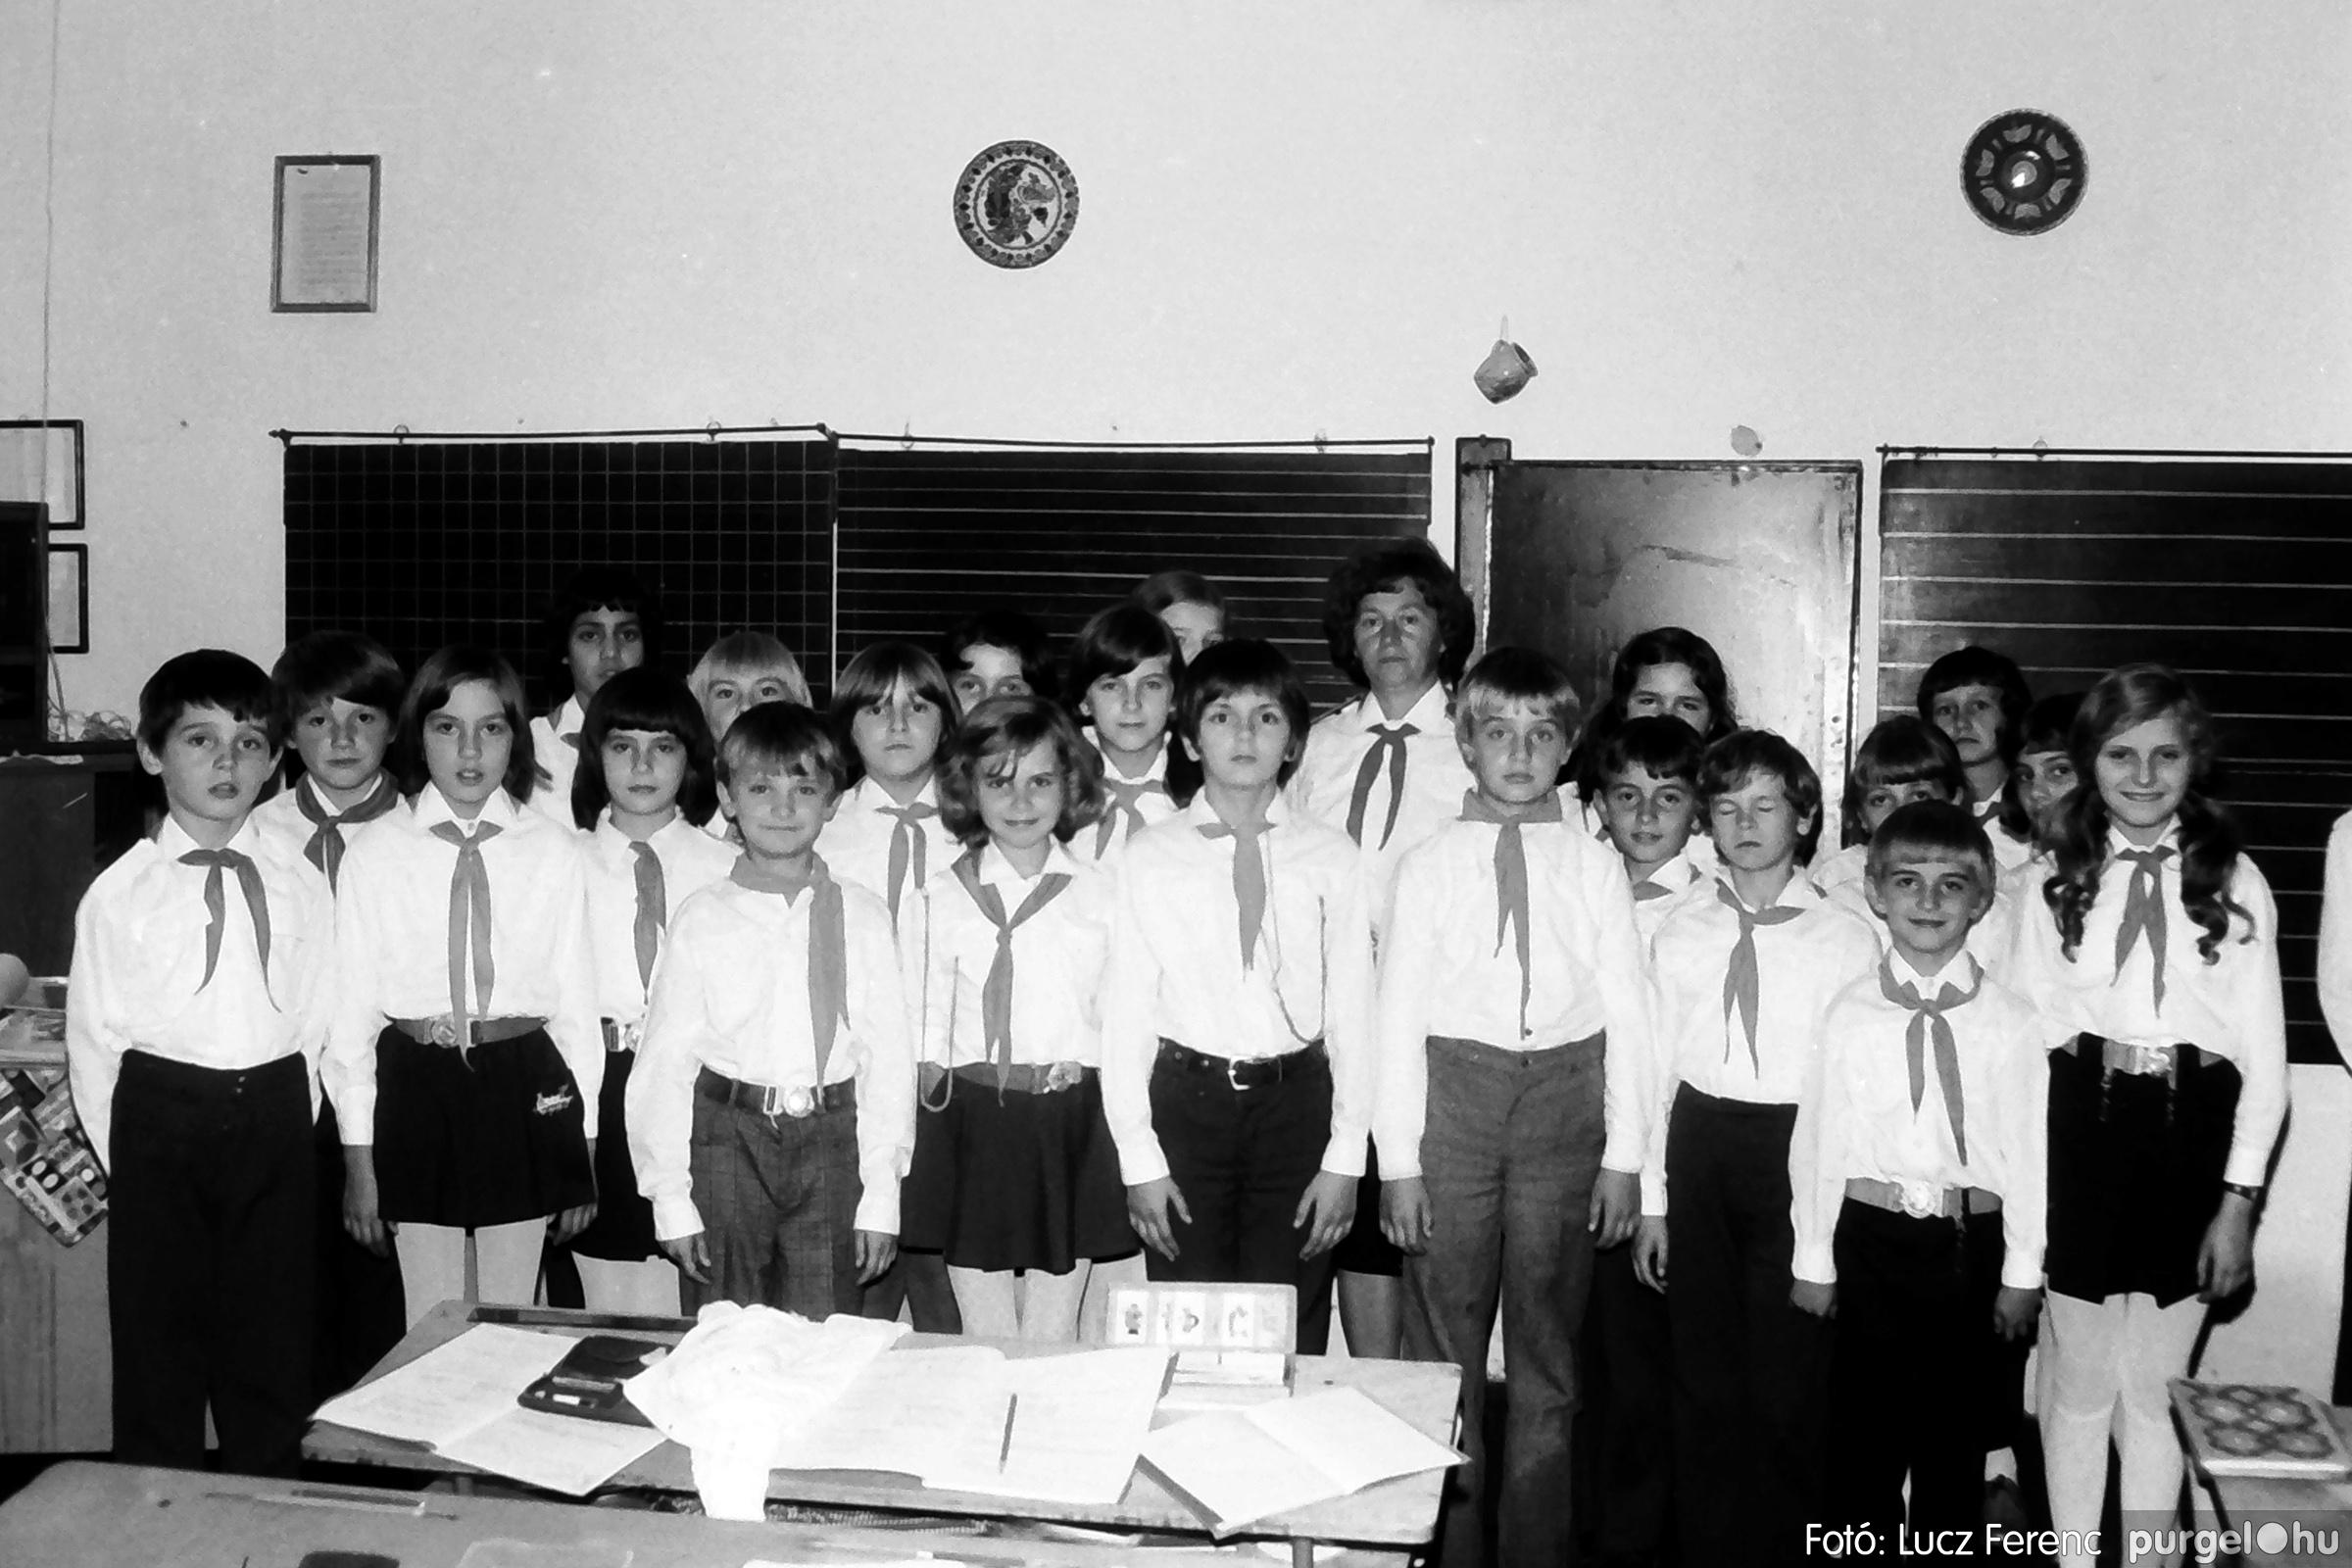 092. 1977. Úttörő rendezvény a Központi Általános Iskolában 002. - Fotó: Lucz Ferenc.jpg